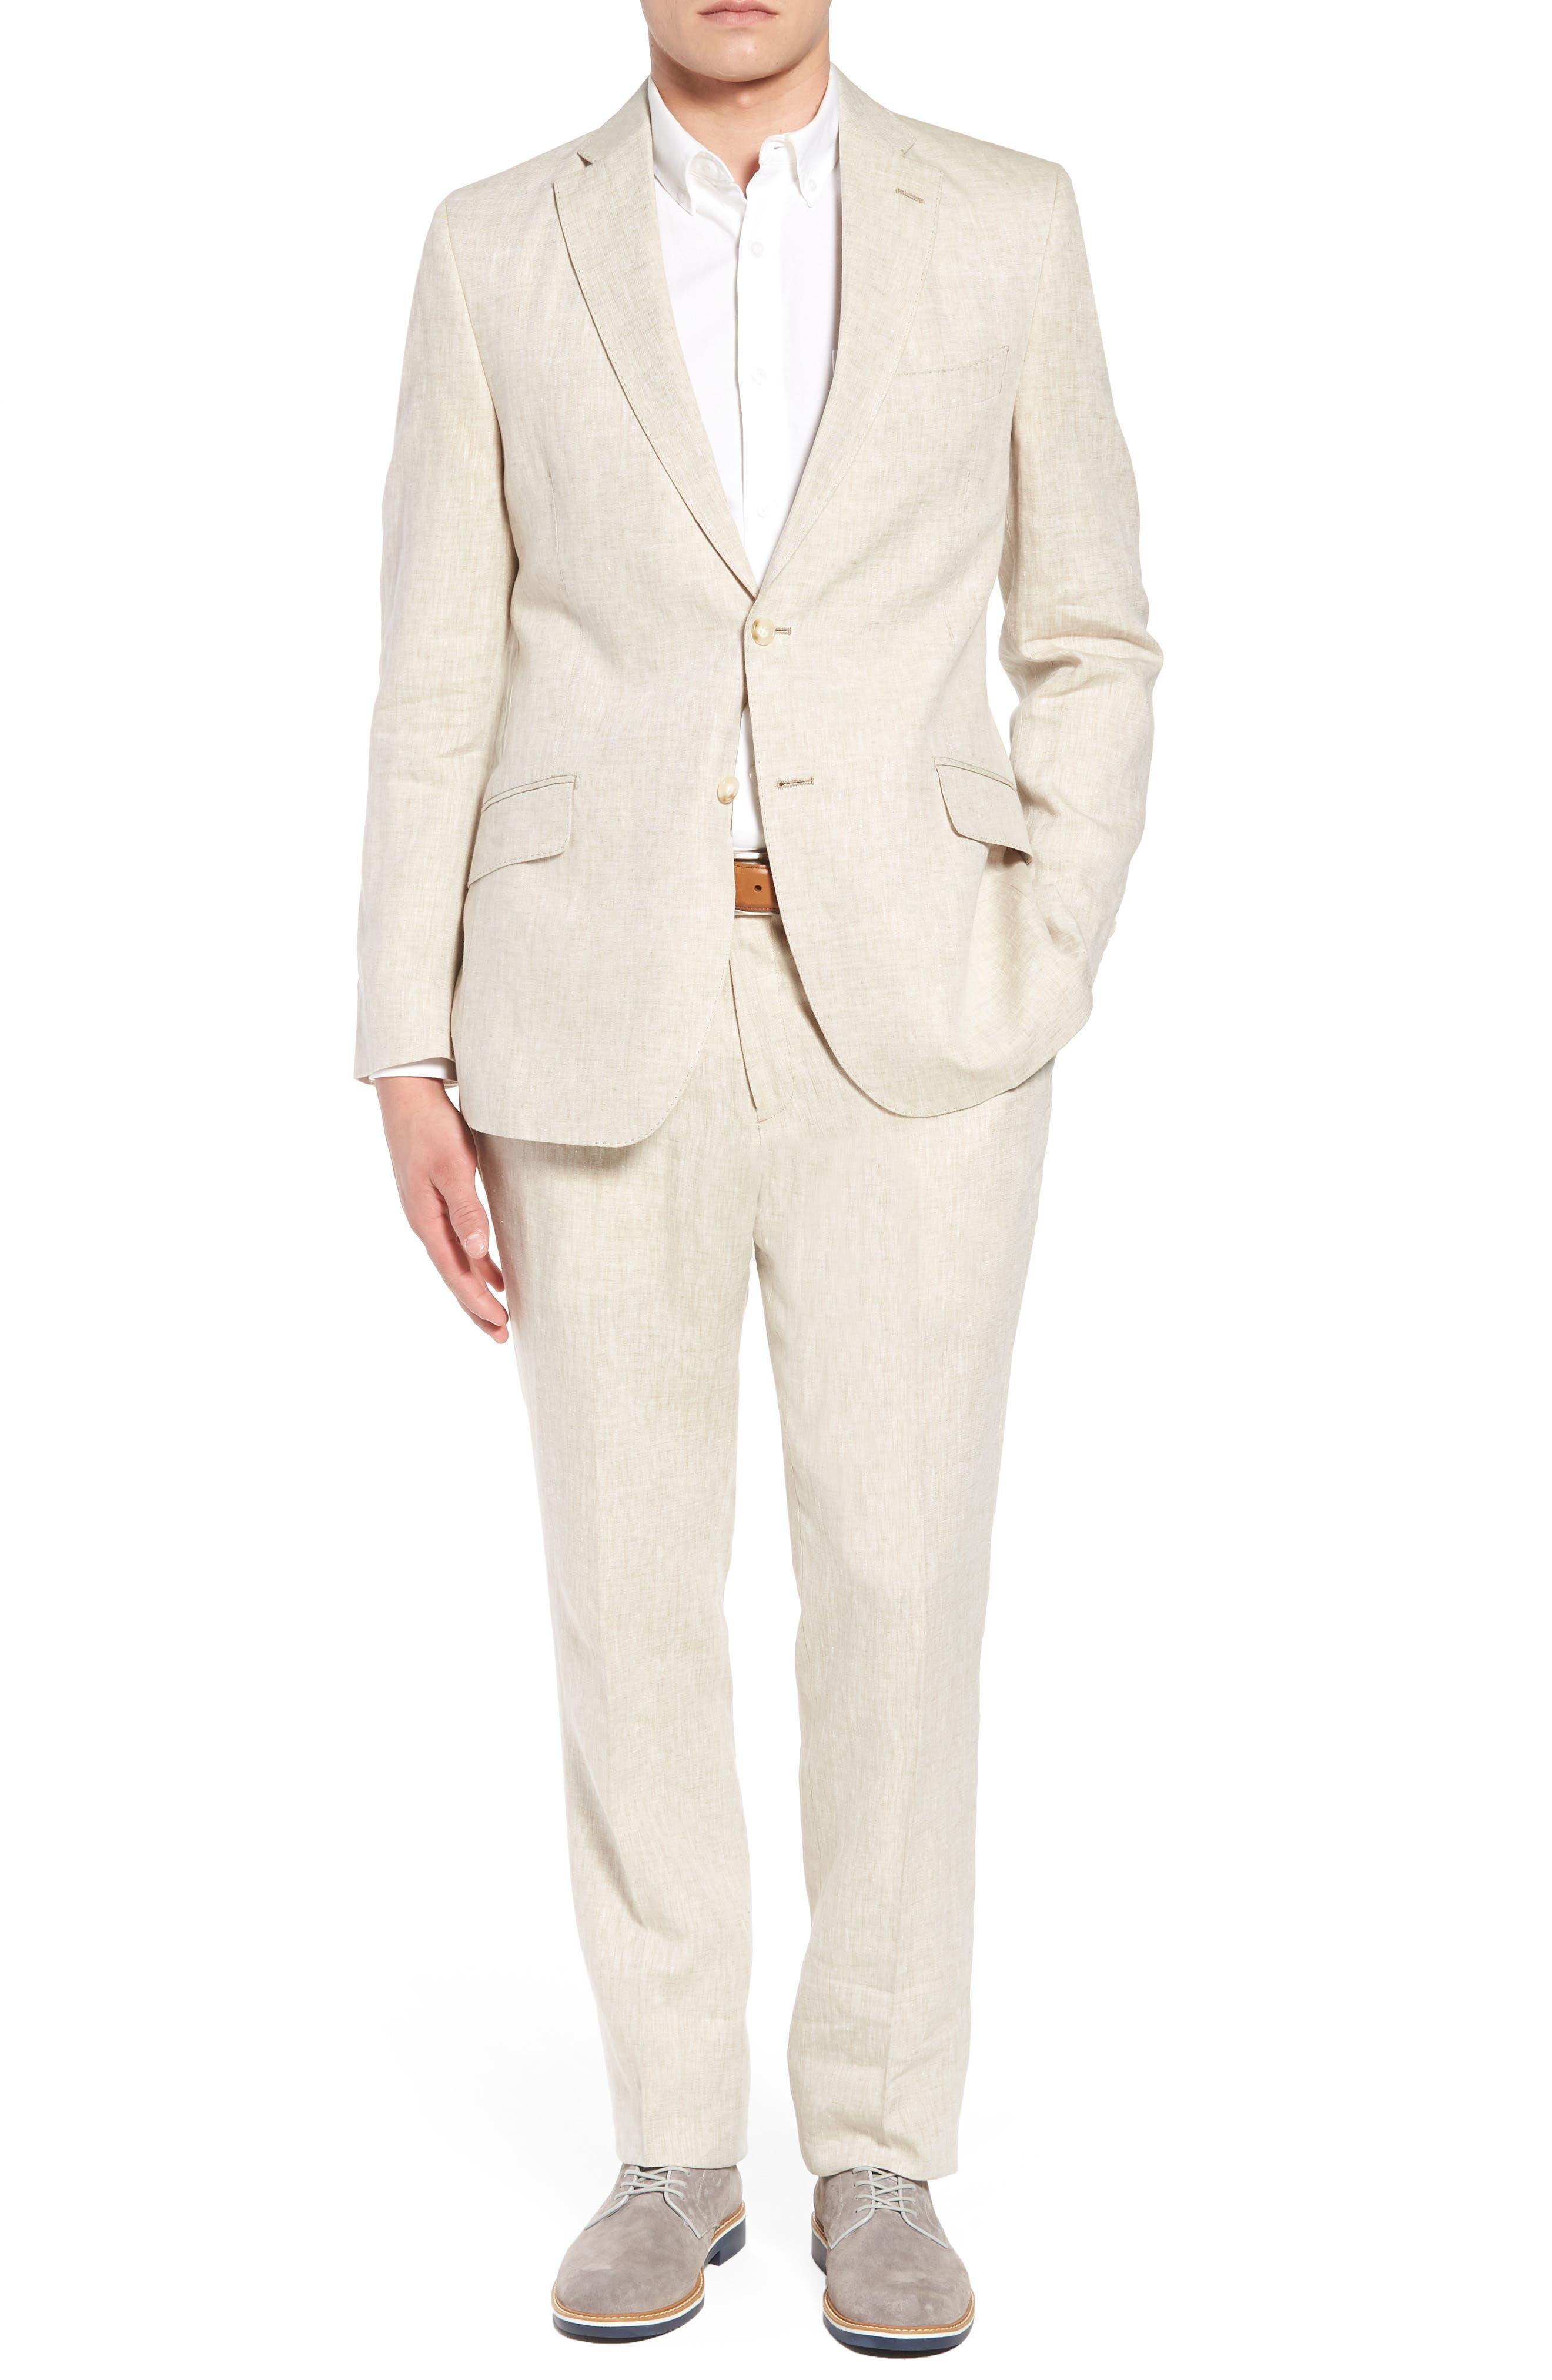 Jack AIM Classic Fit Linen Blazer,                             Alternate thumbnail 7, color,                             Natural